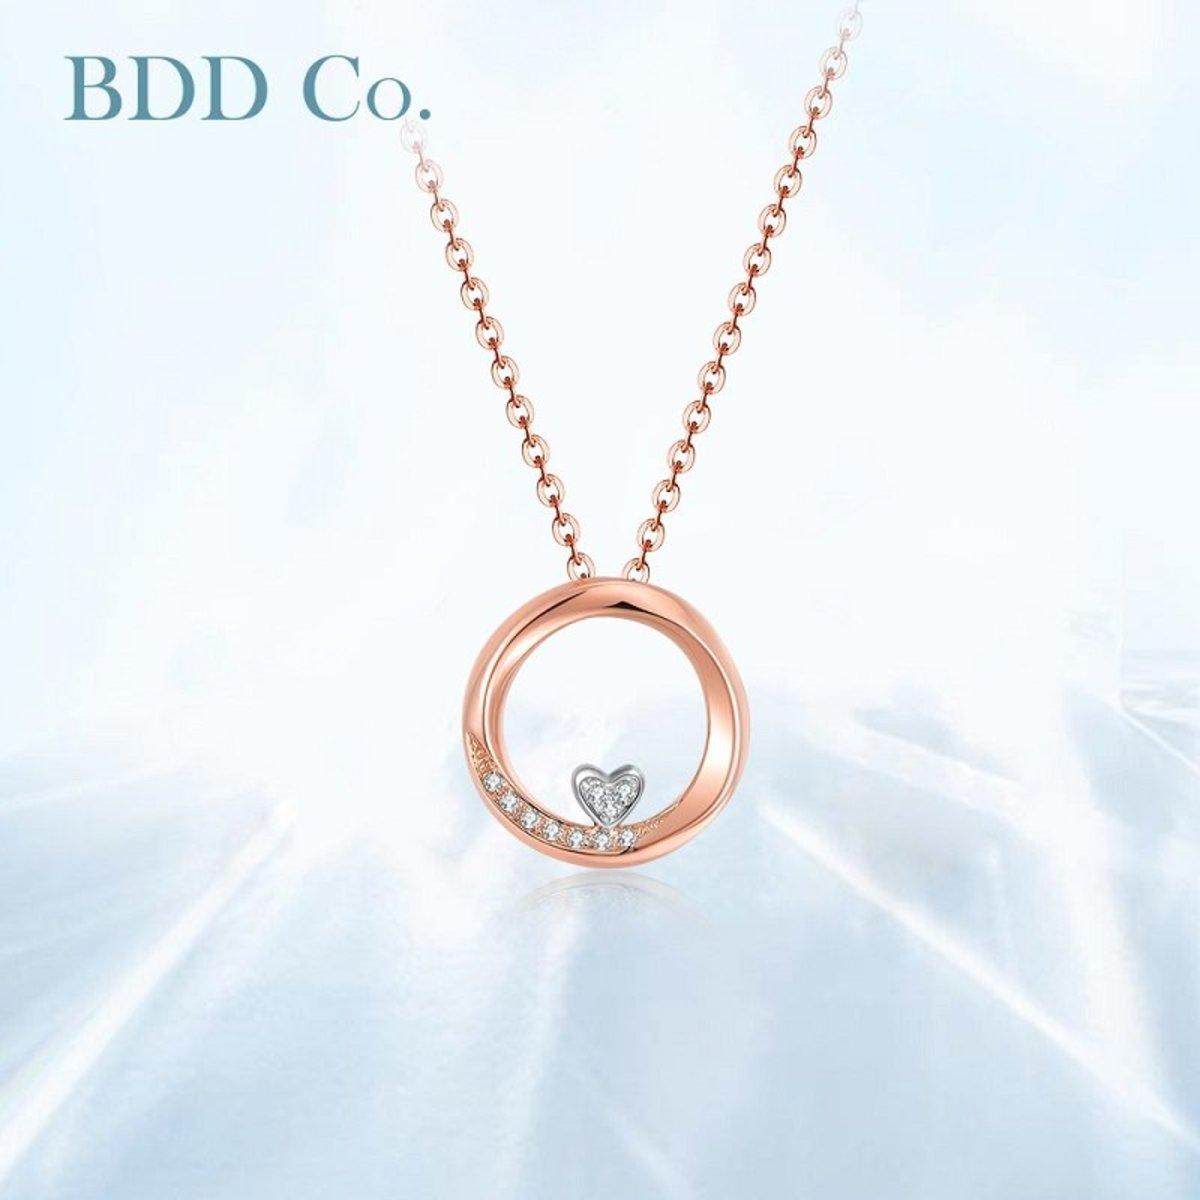 【BDD-Co.】18k玫瑰金 可愛心型鑽石項鏈